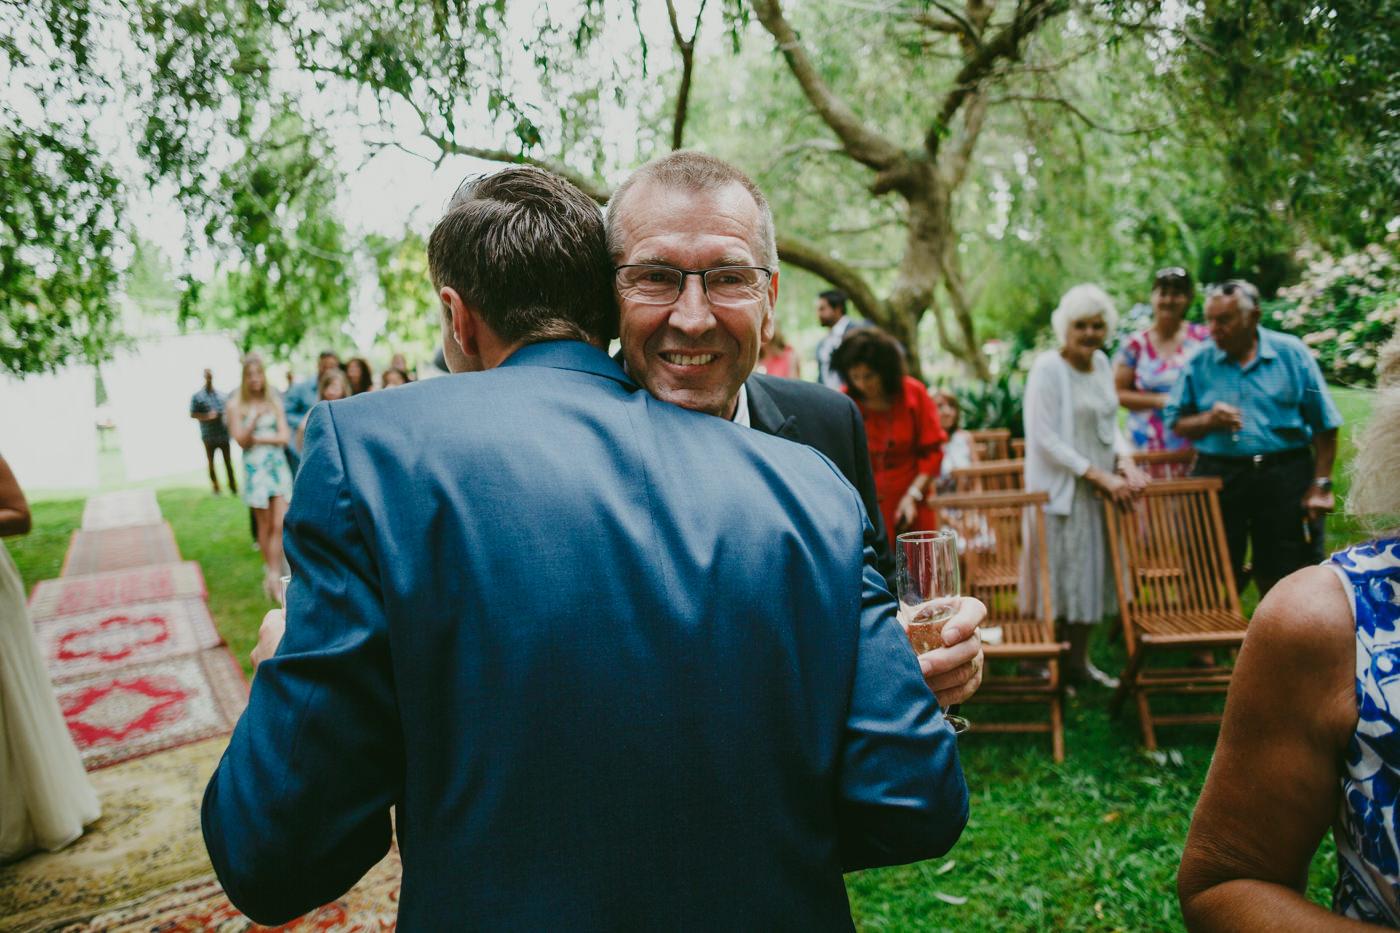 046z_auckland_leigh_wedding_photos.jpg